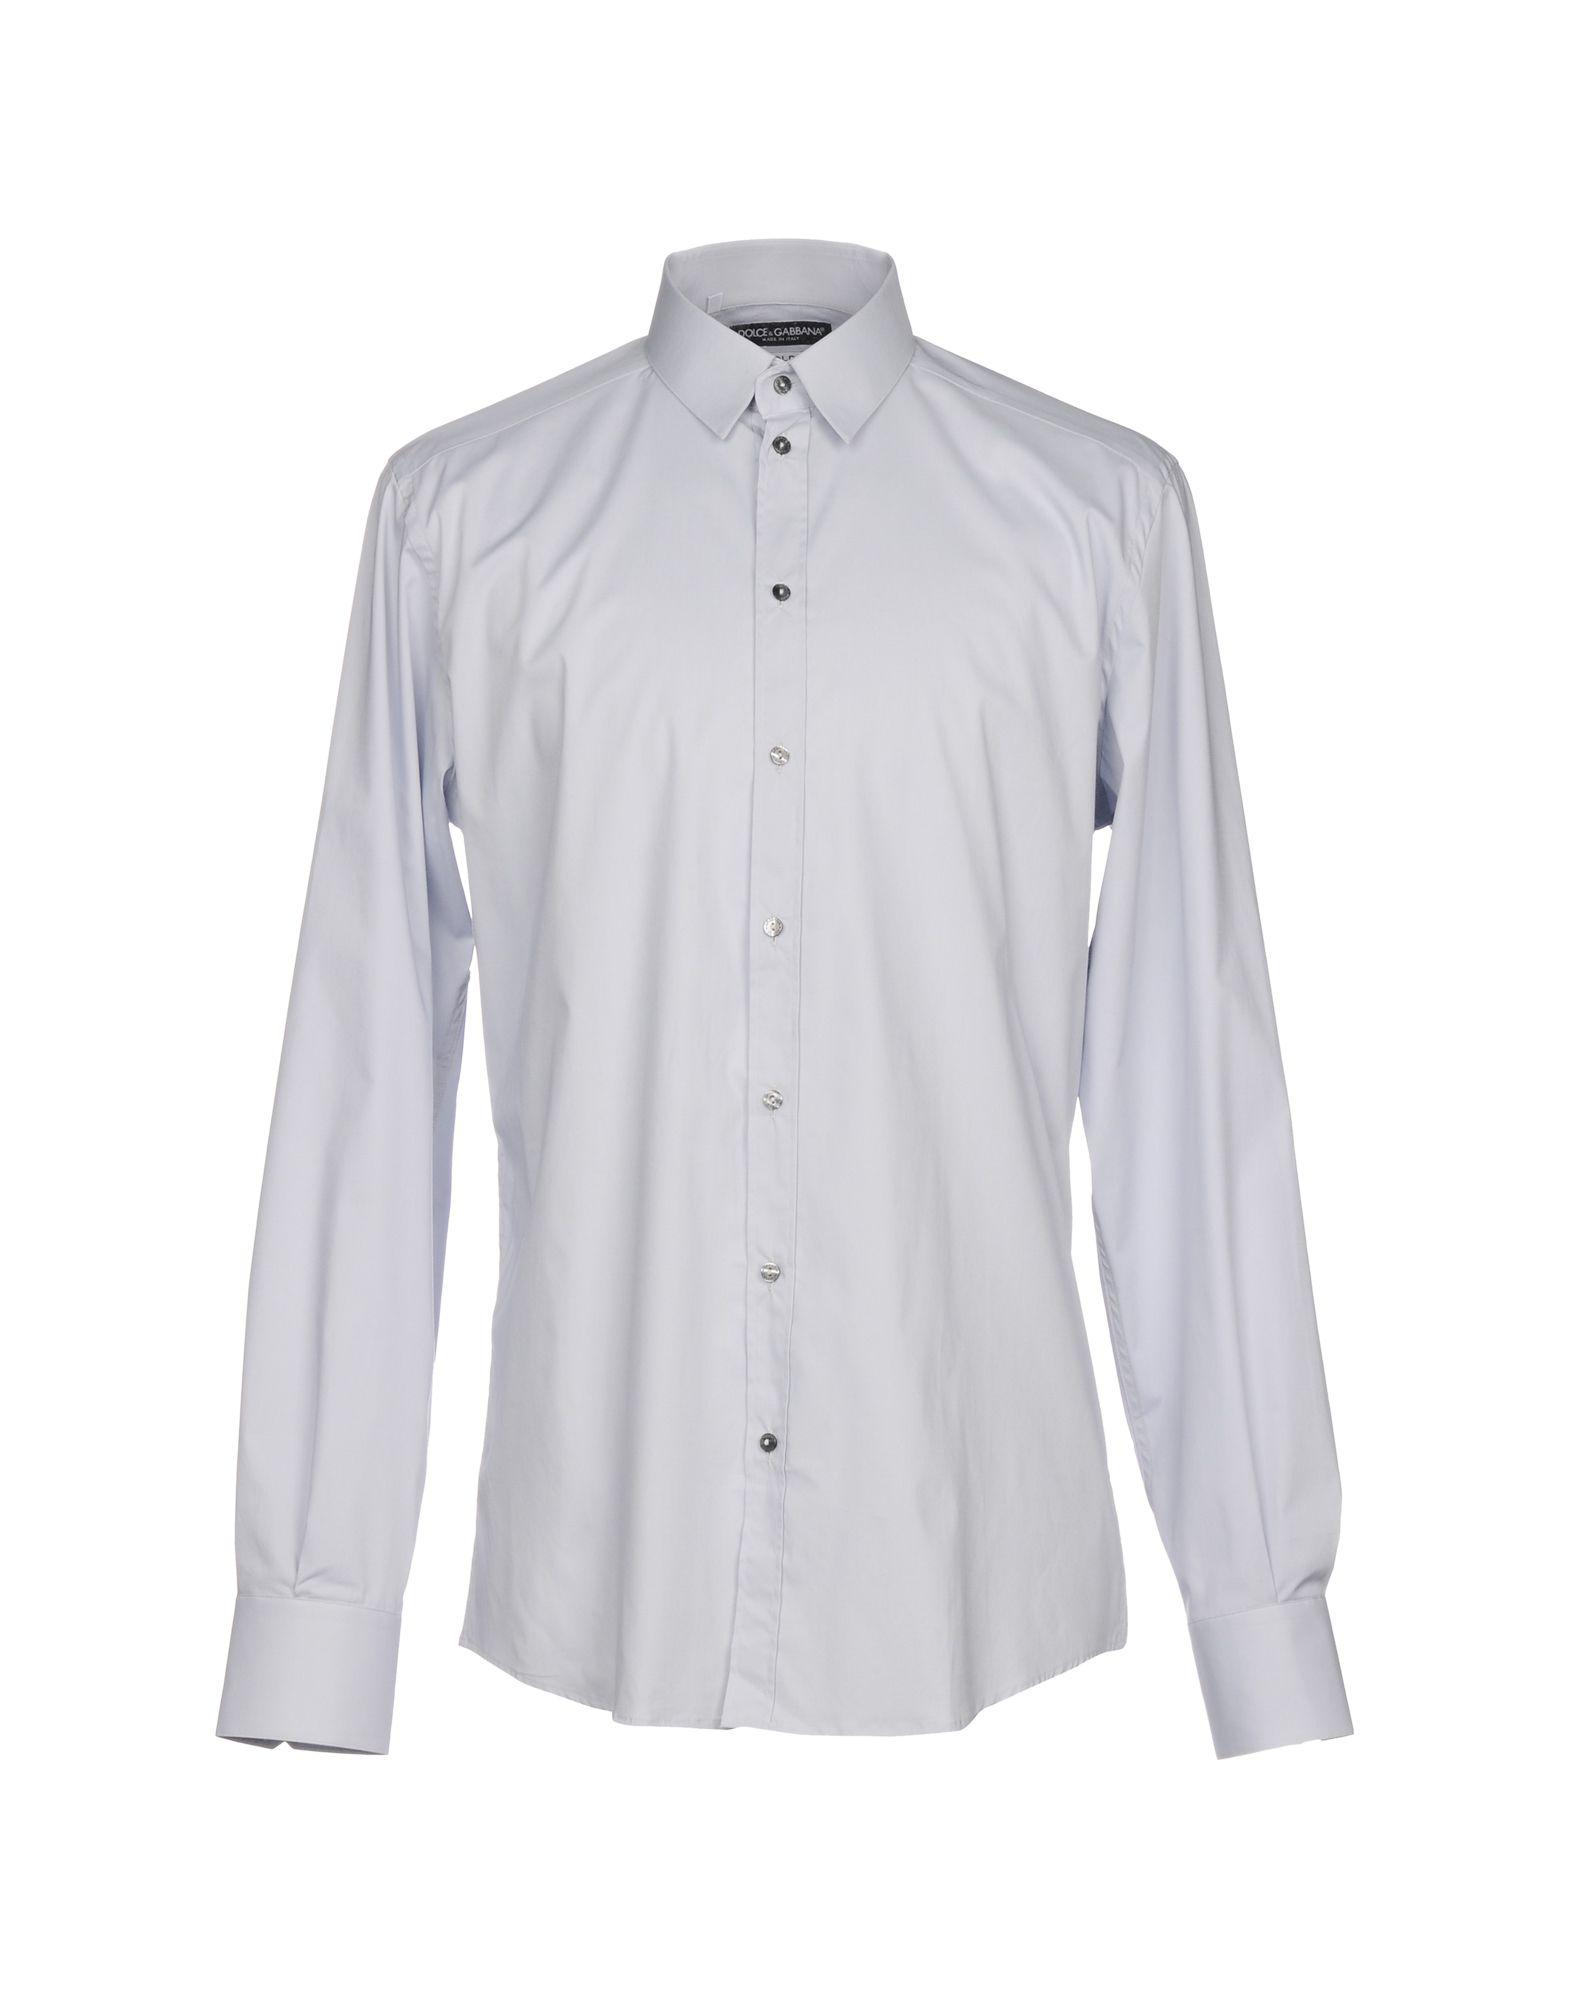 Camicia Tinta Unita Dolce & Gabbana Uomo Uomo Gabbana - 38693652EO 2a8f3d